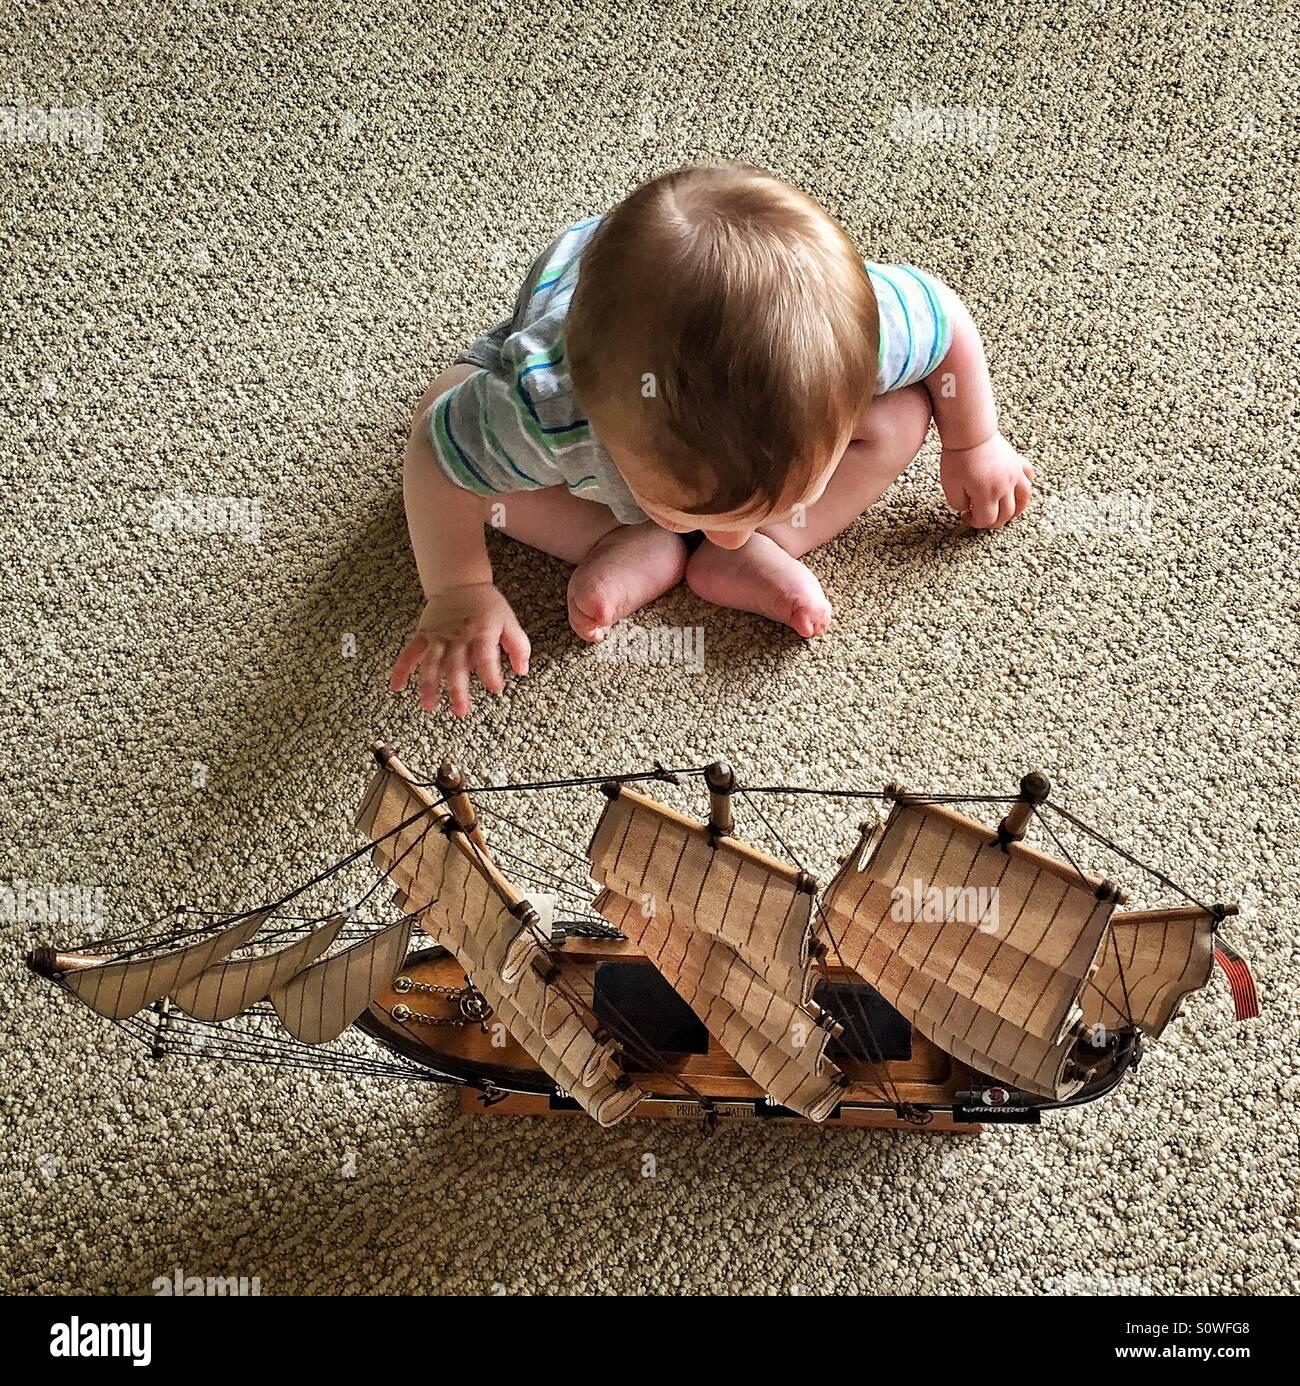 Pour atteindre bébé un modèle réduit de navire assis sur le plancher Photo Stock